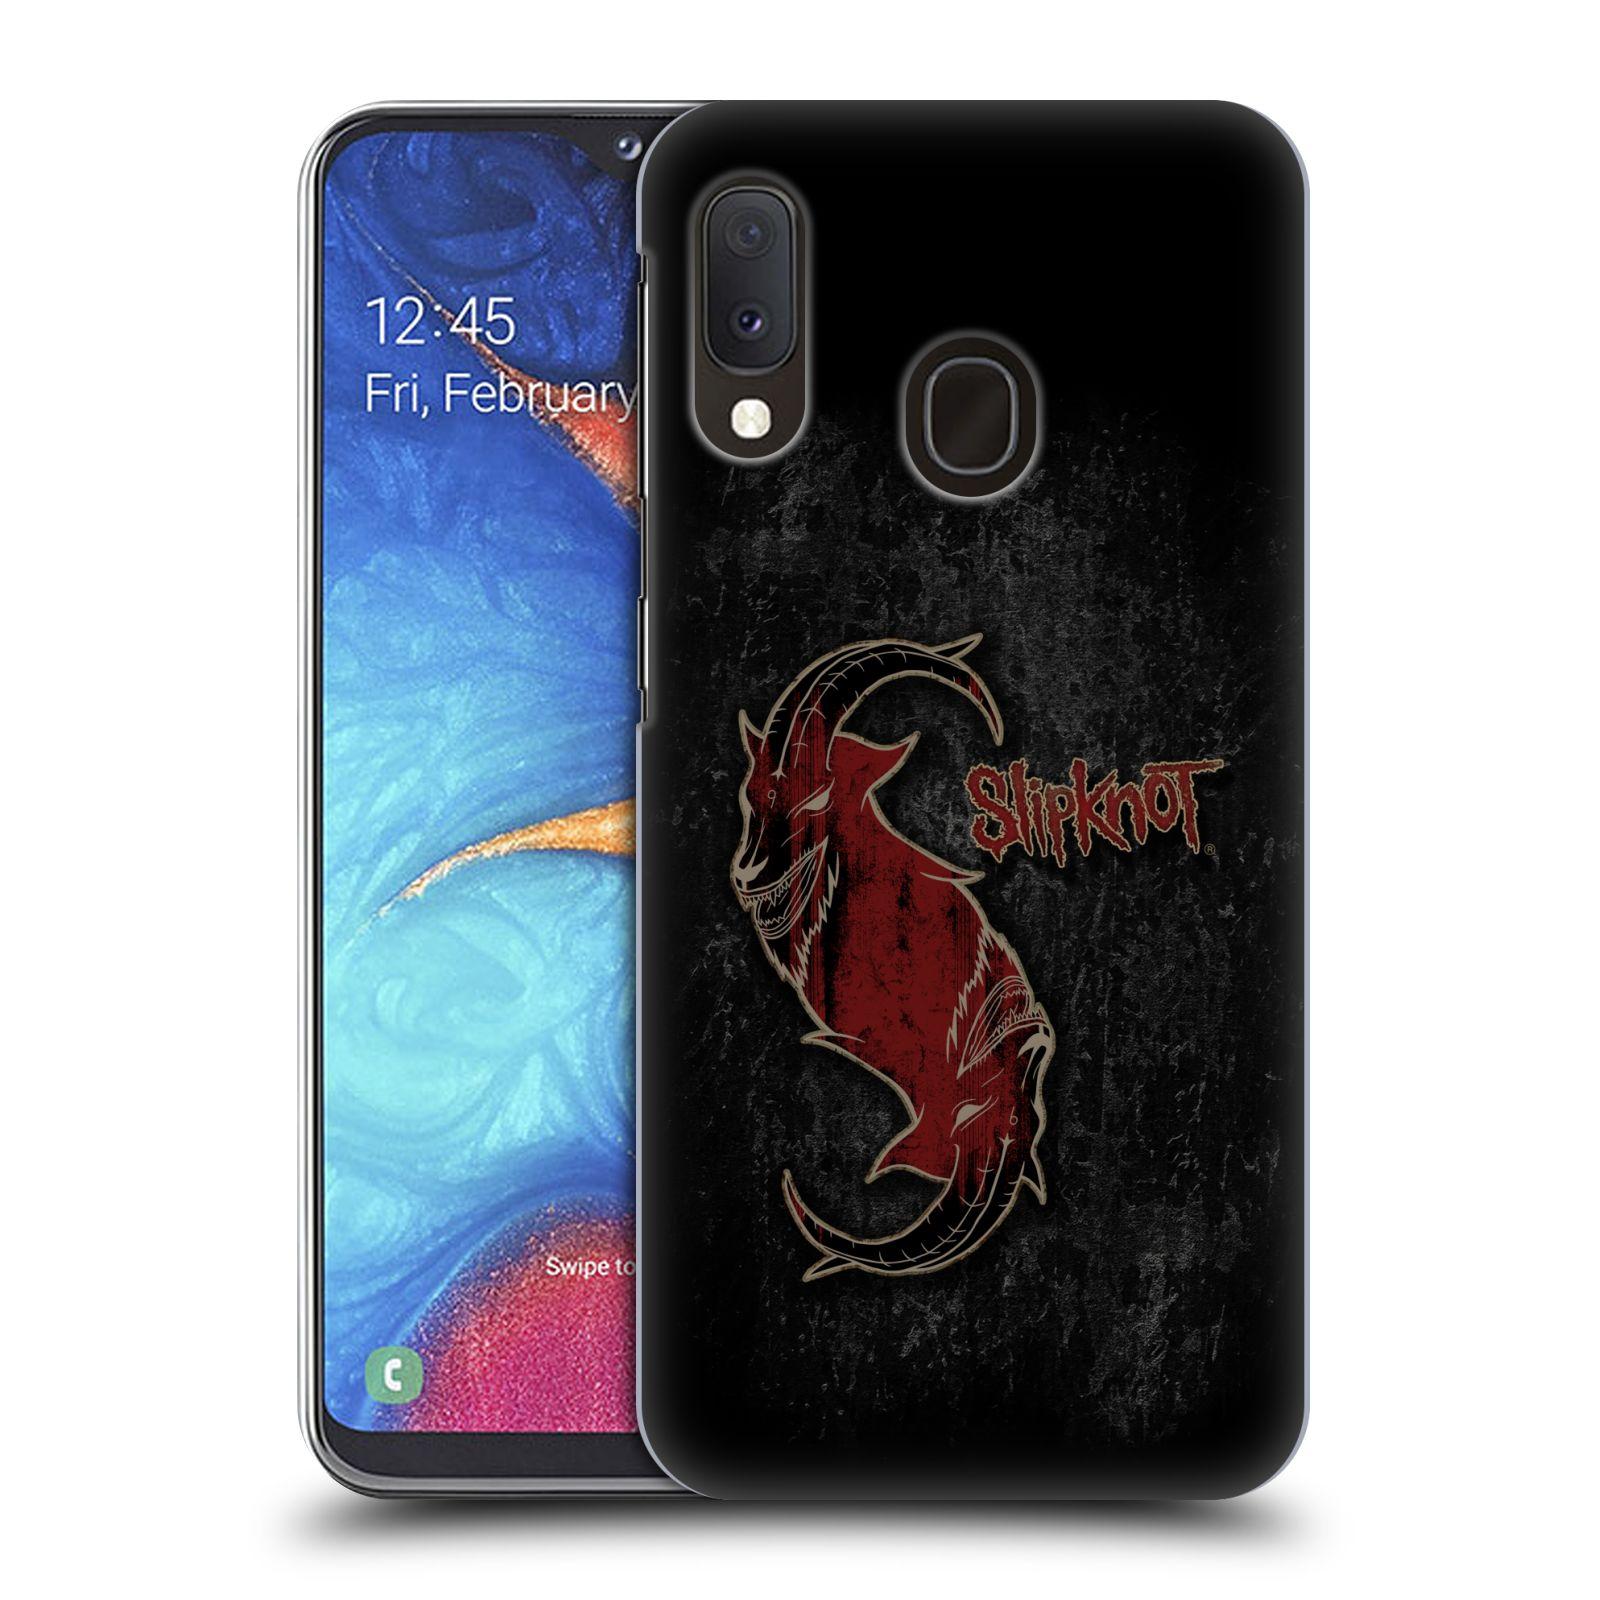 Plastové pouzdro na mobil Samsung Galaxy A20e - Head Case - Slipknot - Rudý kozel